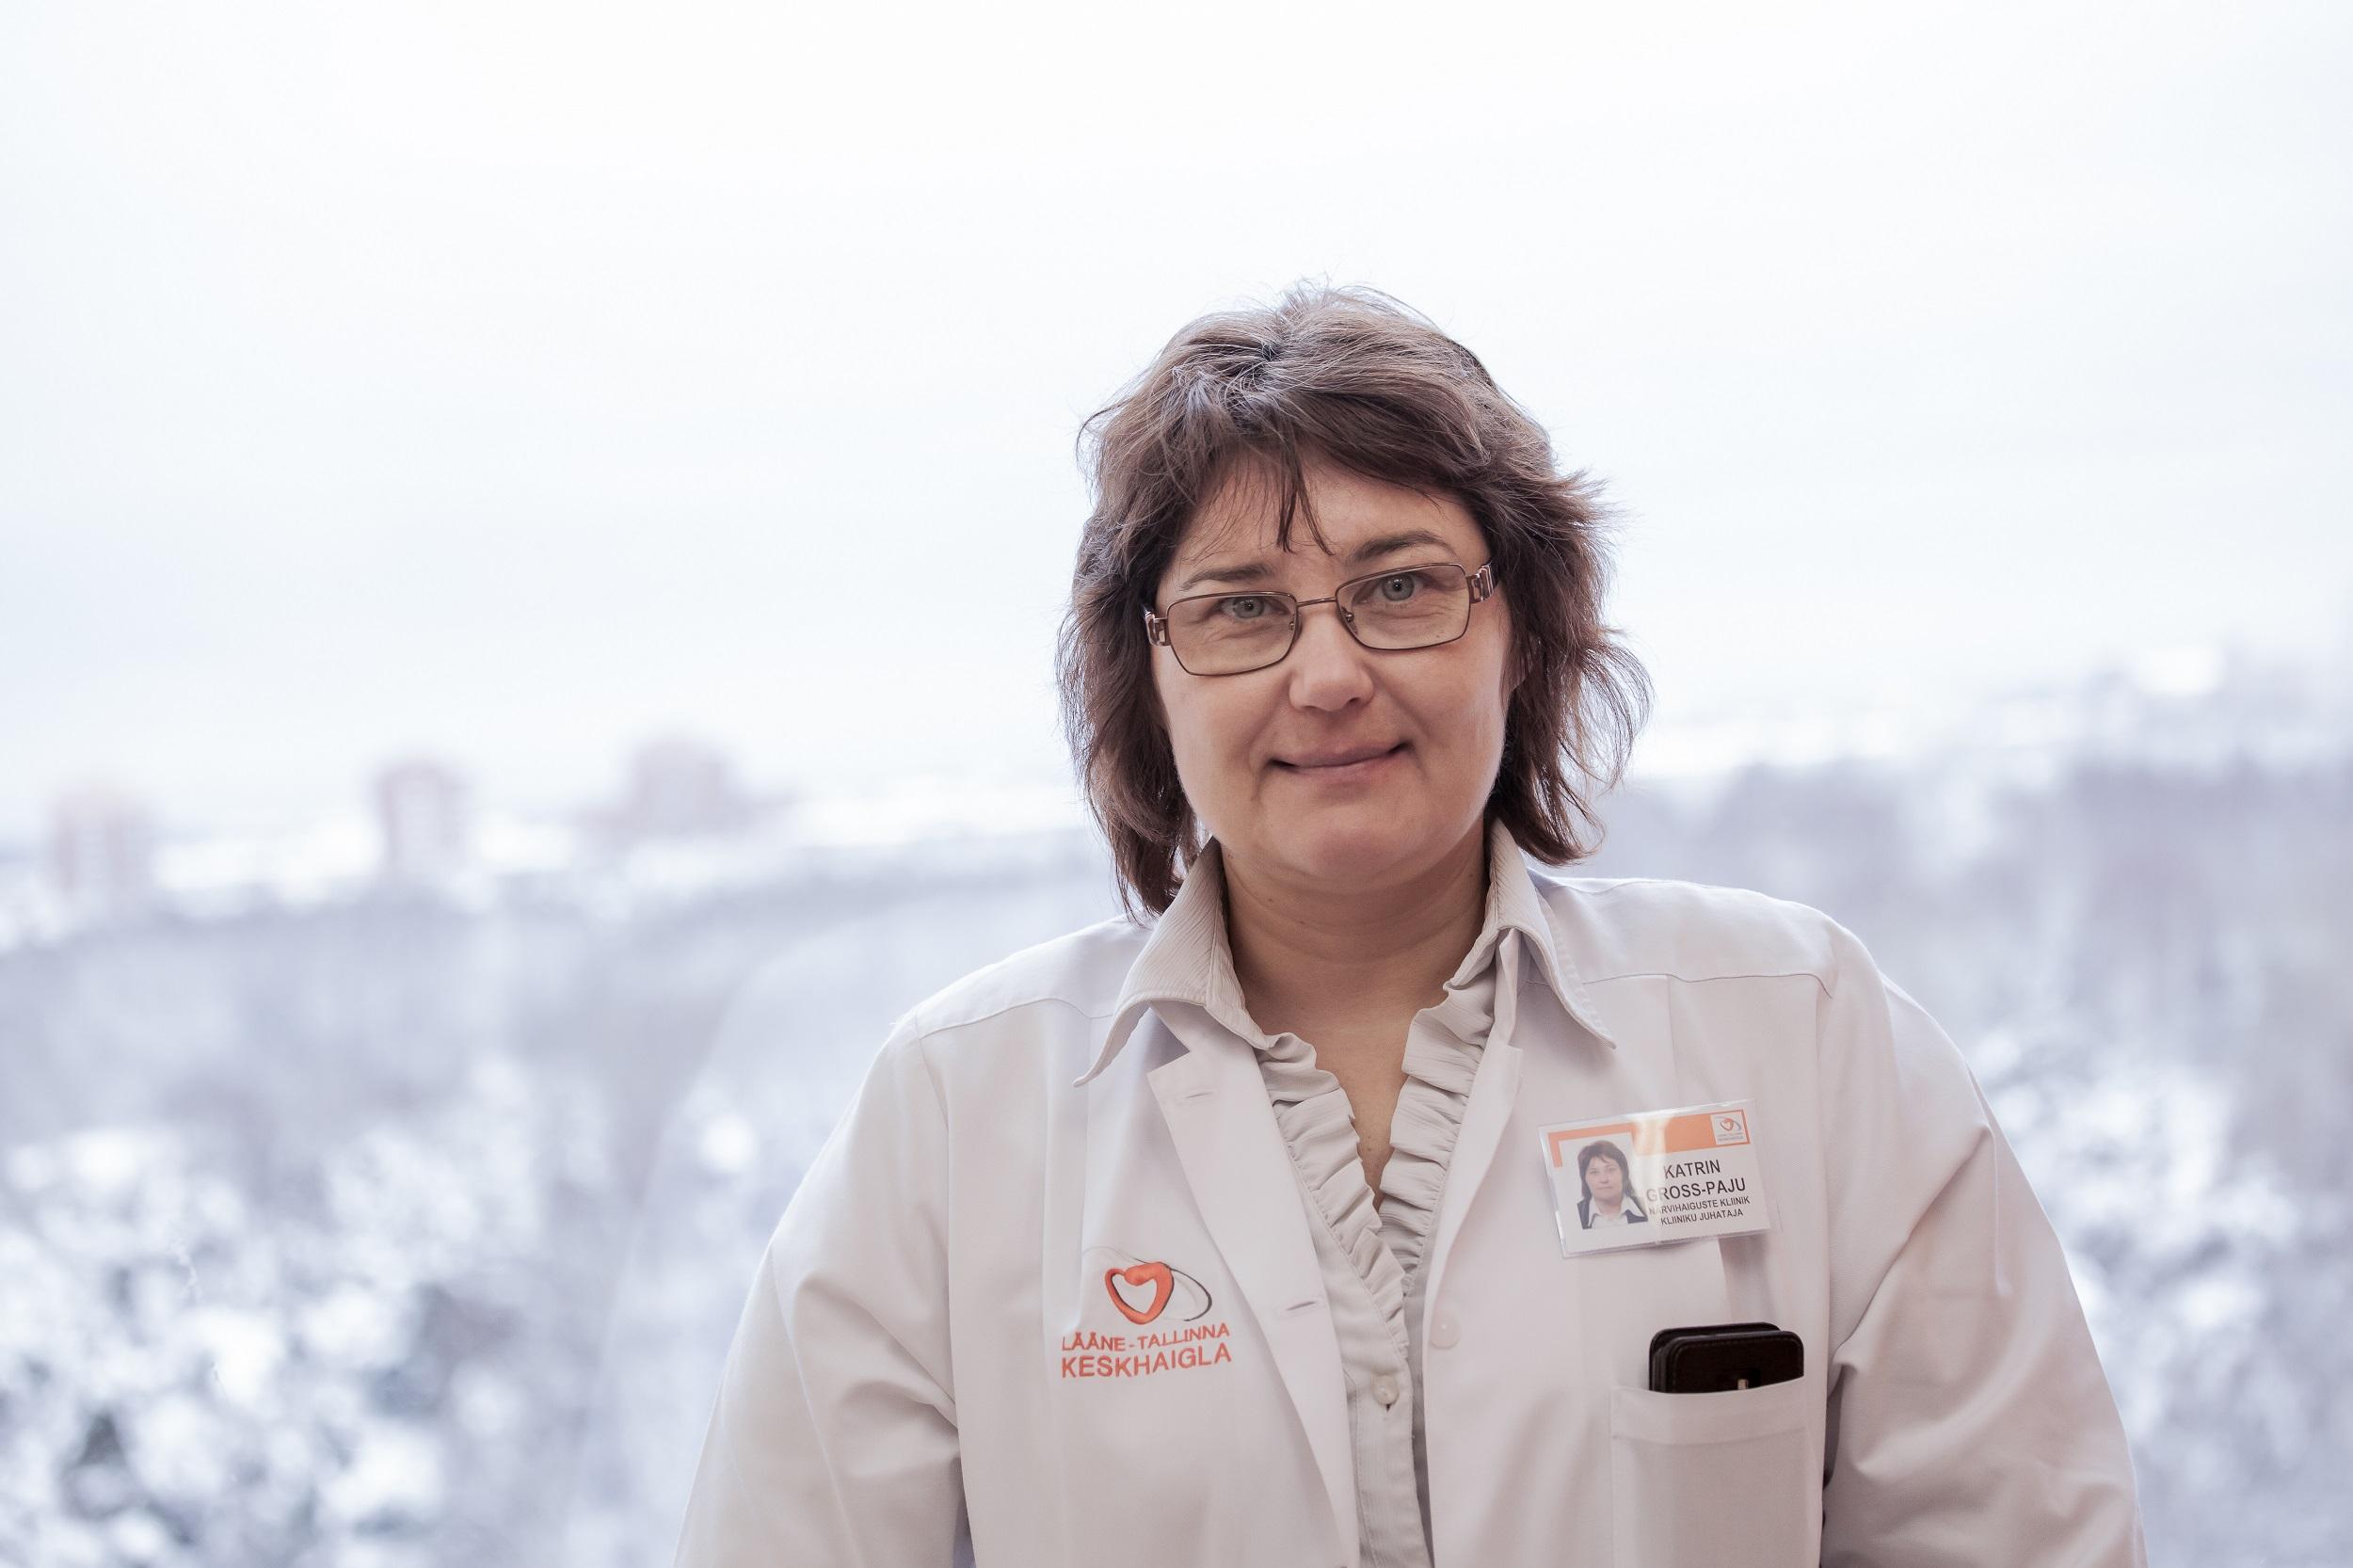 1c237c8f775 Ta on Eesti esimese Sclerosis Multiplexi keskuse rajaja. Ta on arendanud ka  haruldaste pärilike haiguste diagnoosimist ja olnud eestvedaja uute  analüüside ...